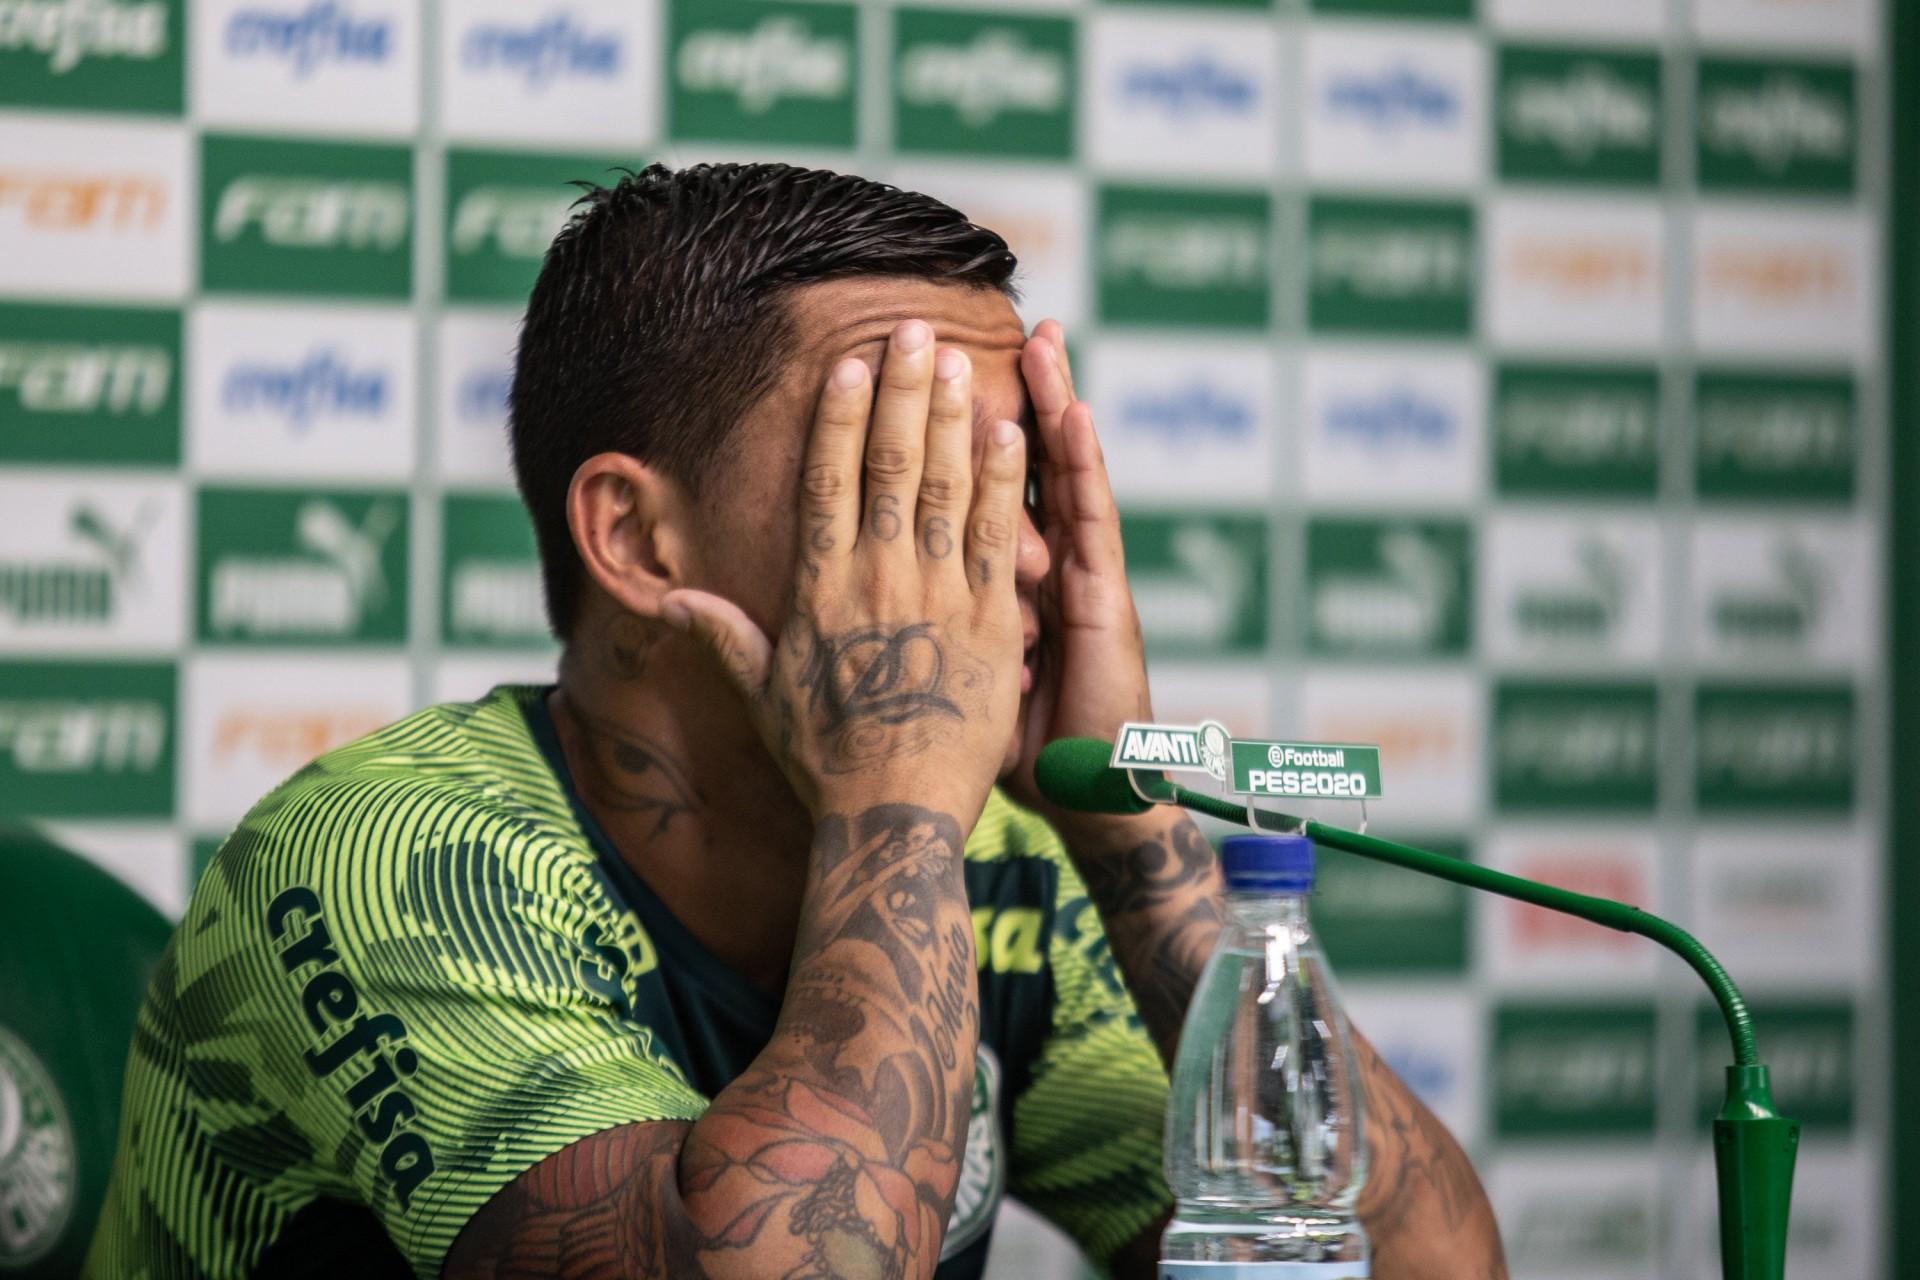 Crise no Palmeiras? Dudu reclama de Abel Ferreira após ser substituído: 'Todo jogo ele me tira'